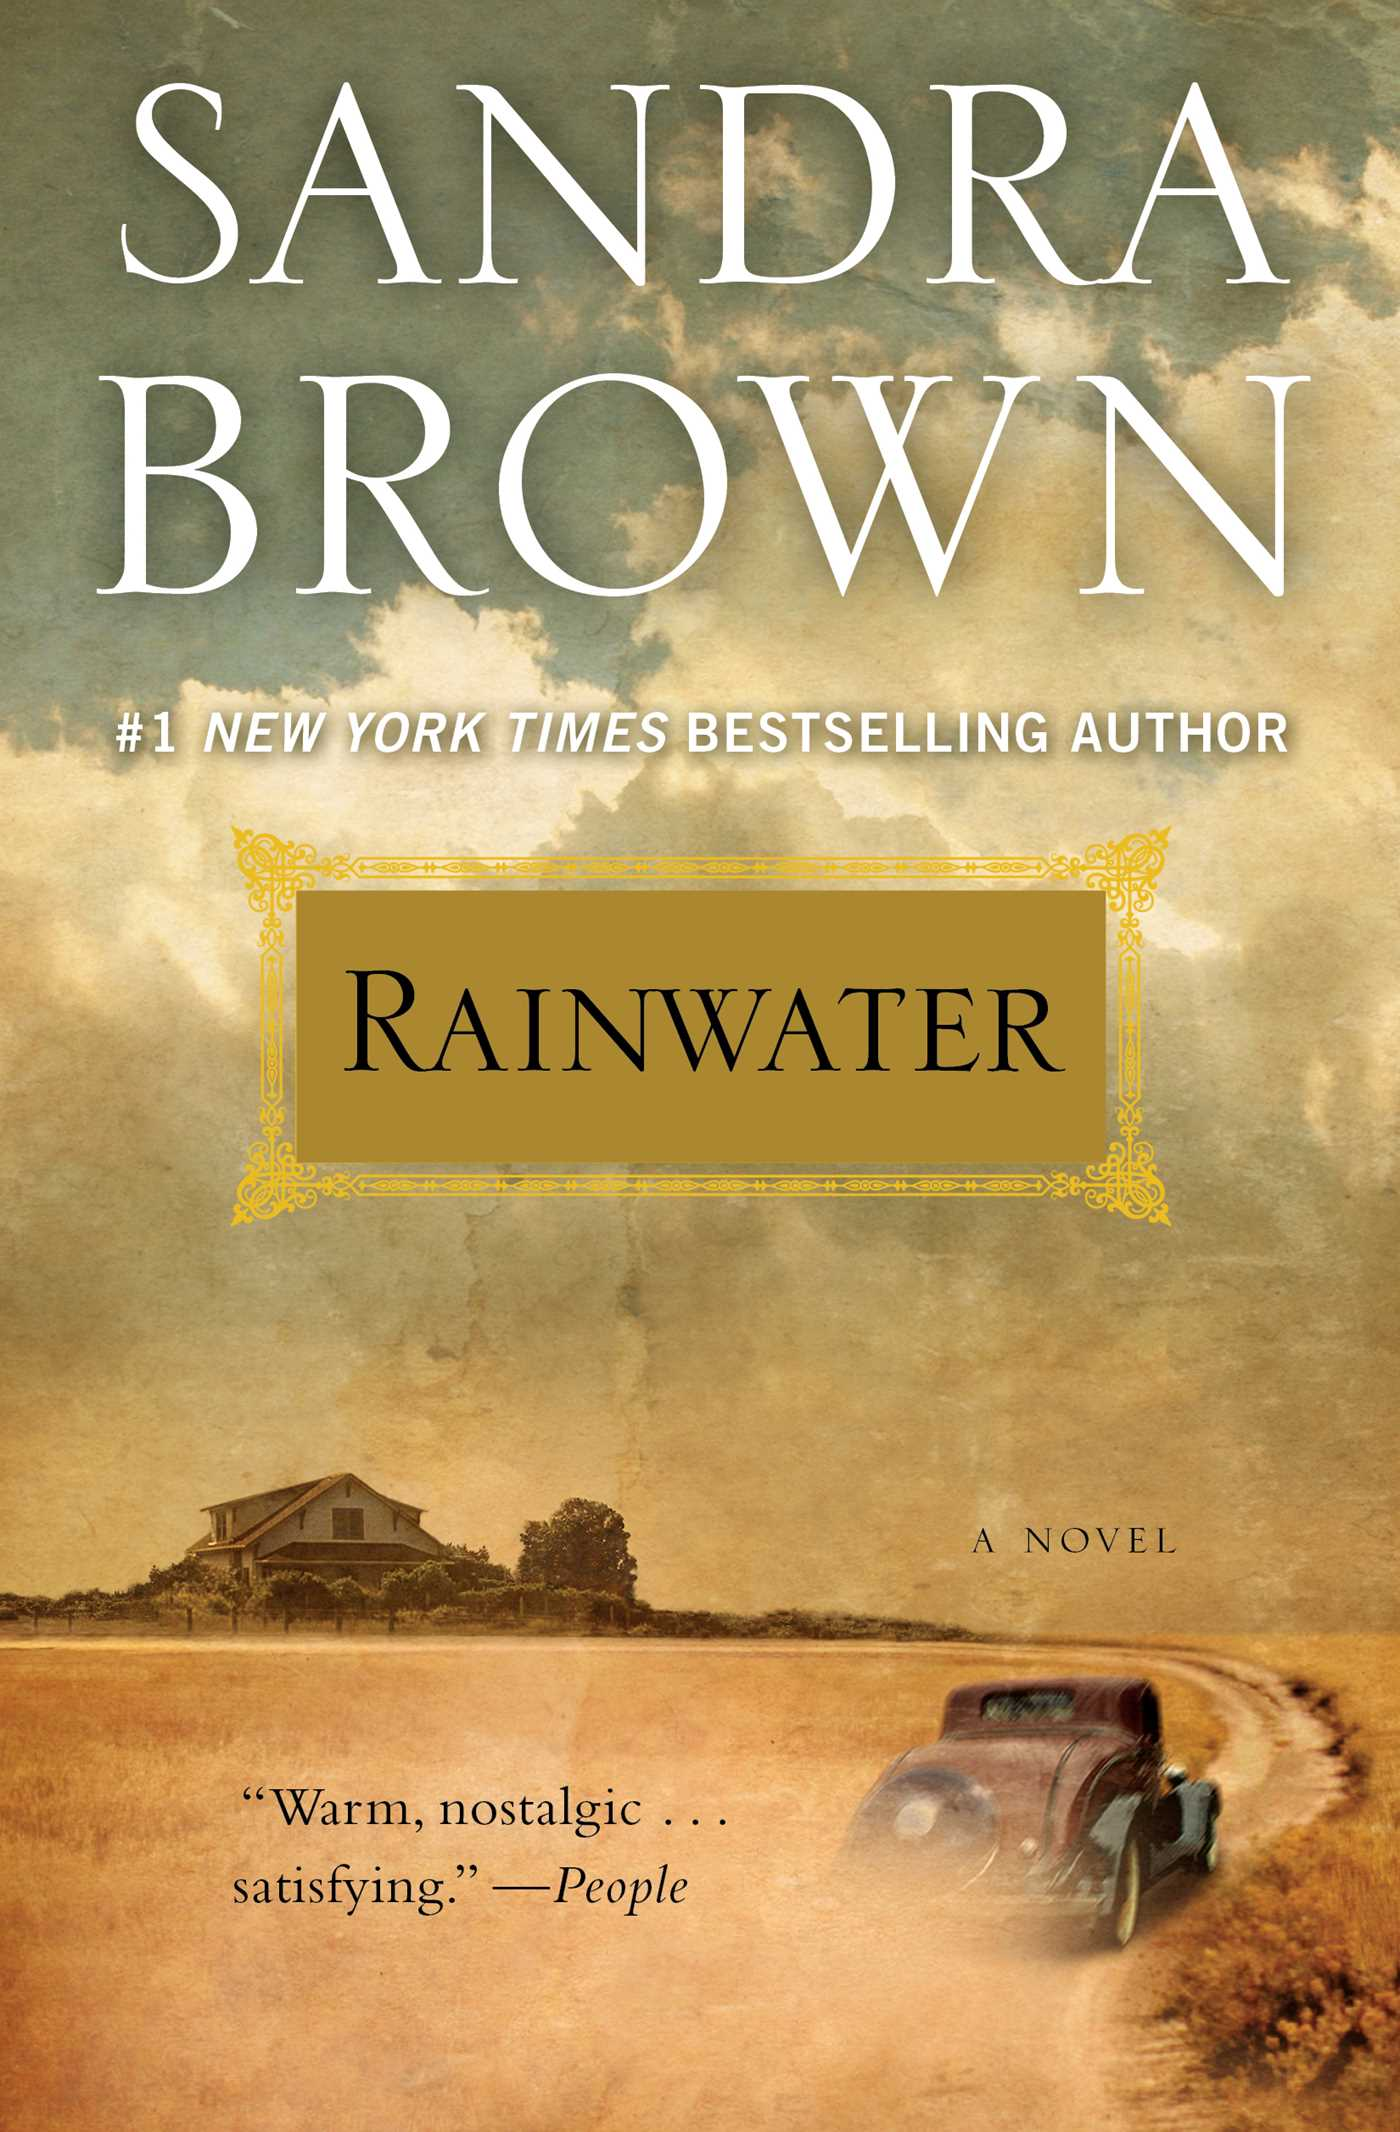 Rainwater 9781439176139 hr